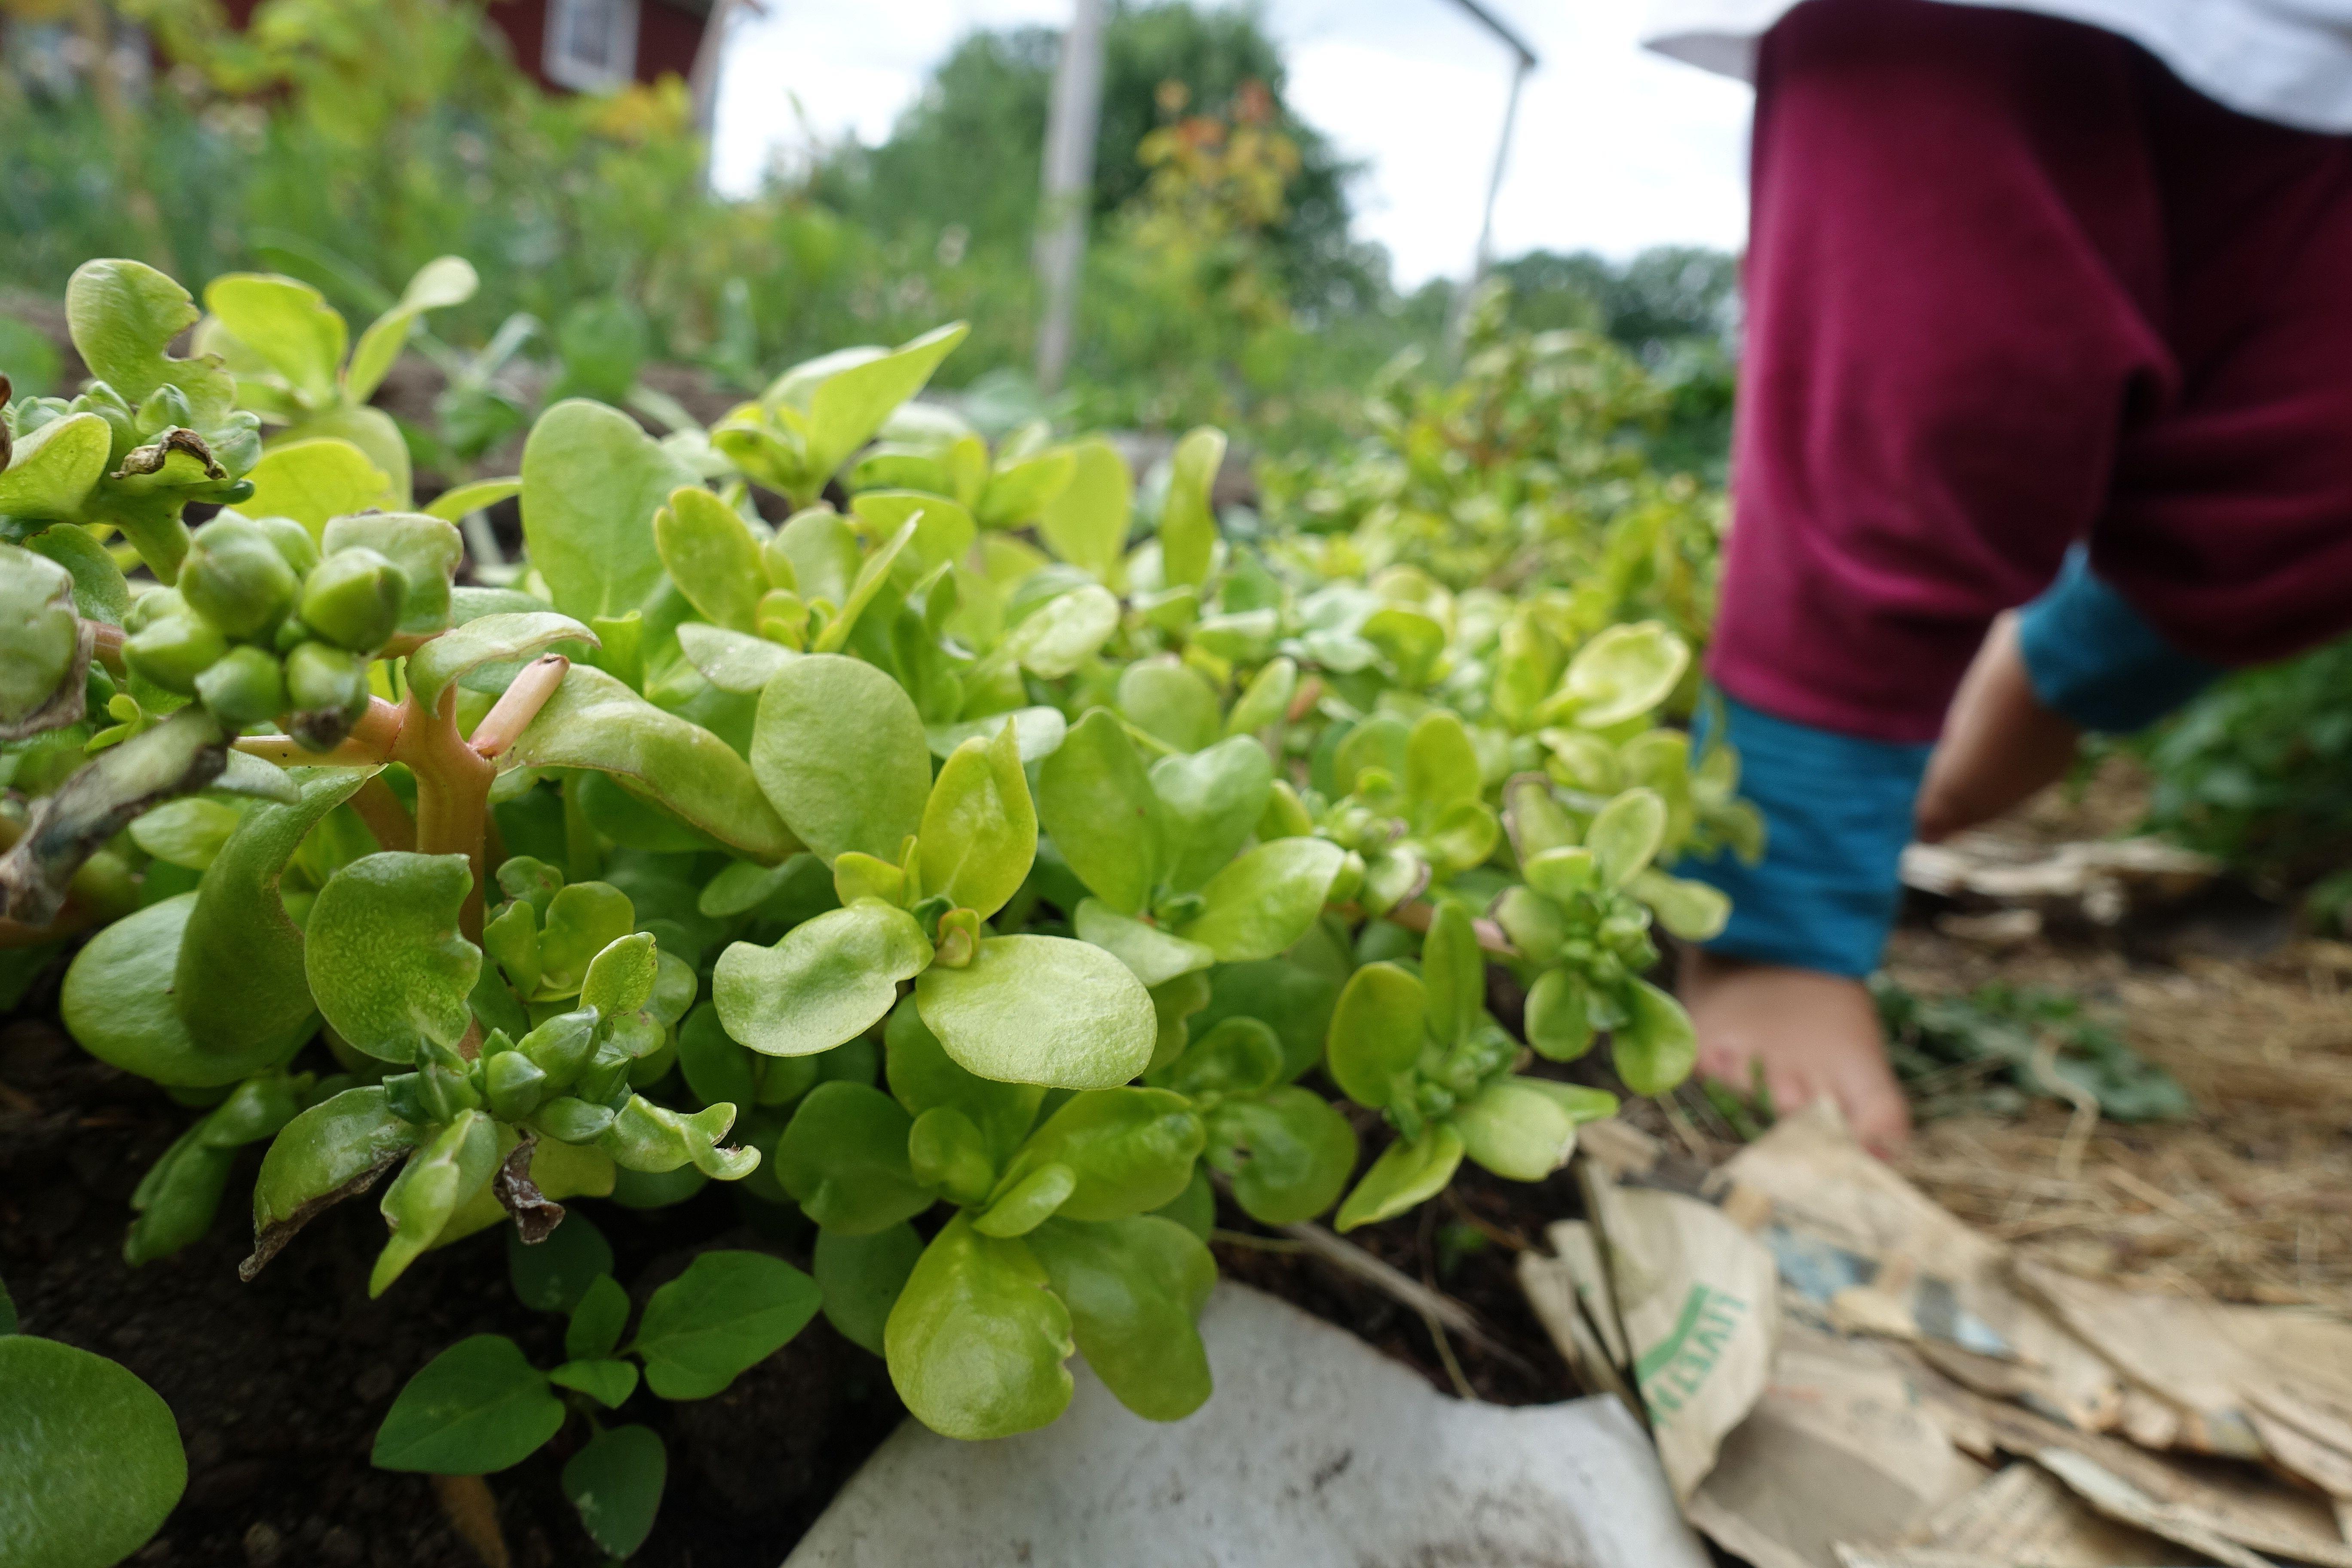 En låg bild på gröna plantor och barnfötter. Gardening with kids, plants and little feet.